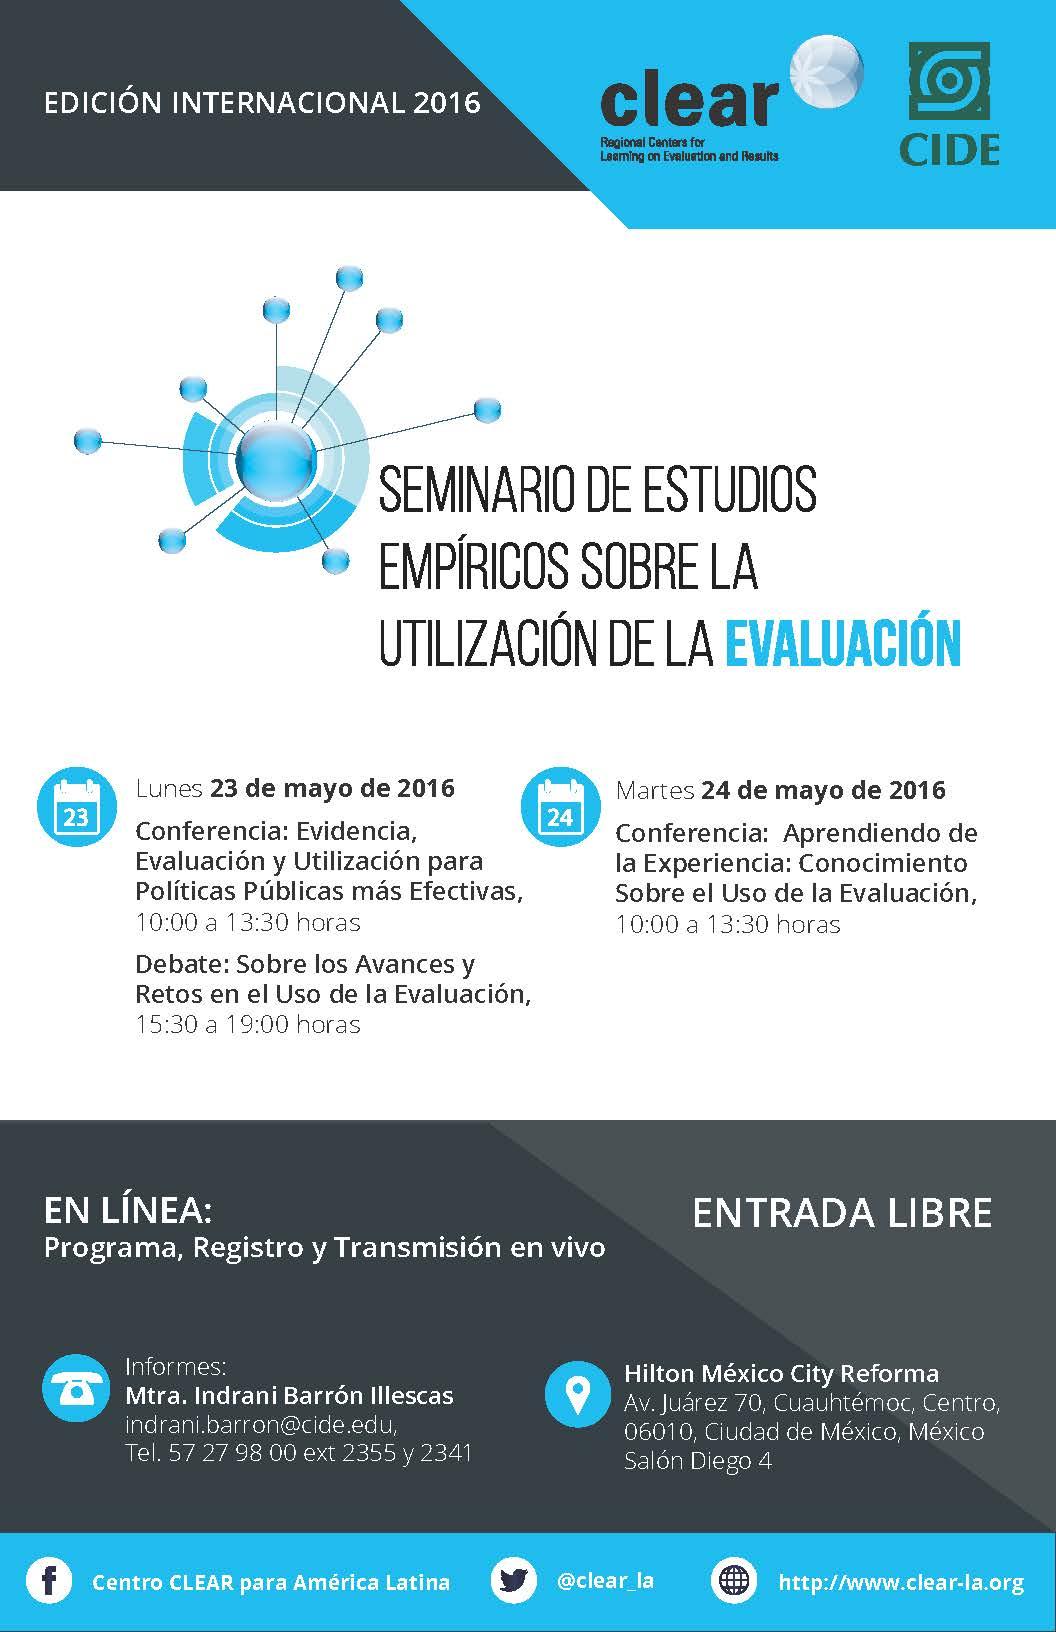 Seminario Internacional de Estudios Empíricos sobre la Utilización de la Evaluación